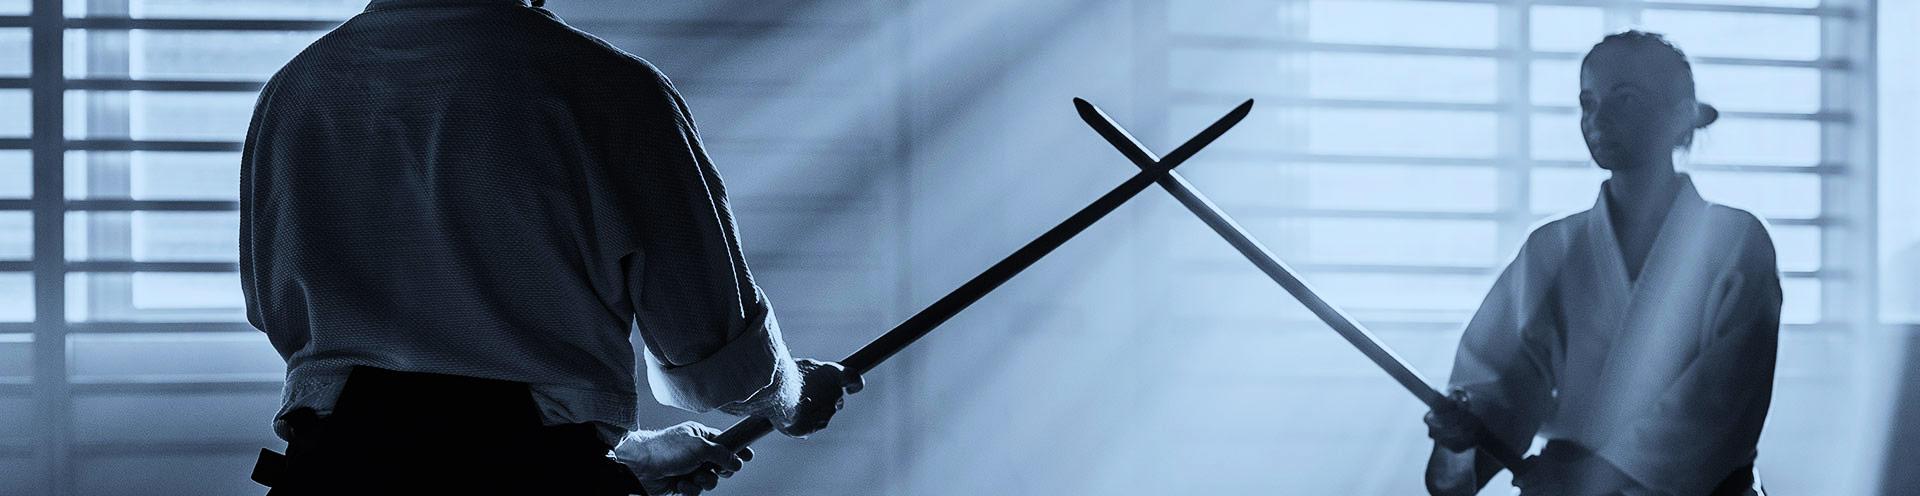 Aïkido Haut-Rhin - Pratique de l'Aïkido